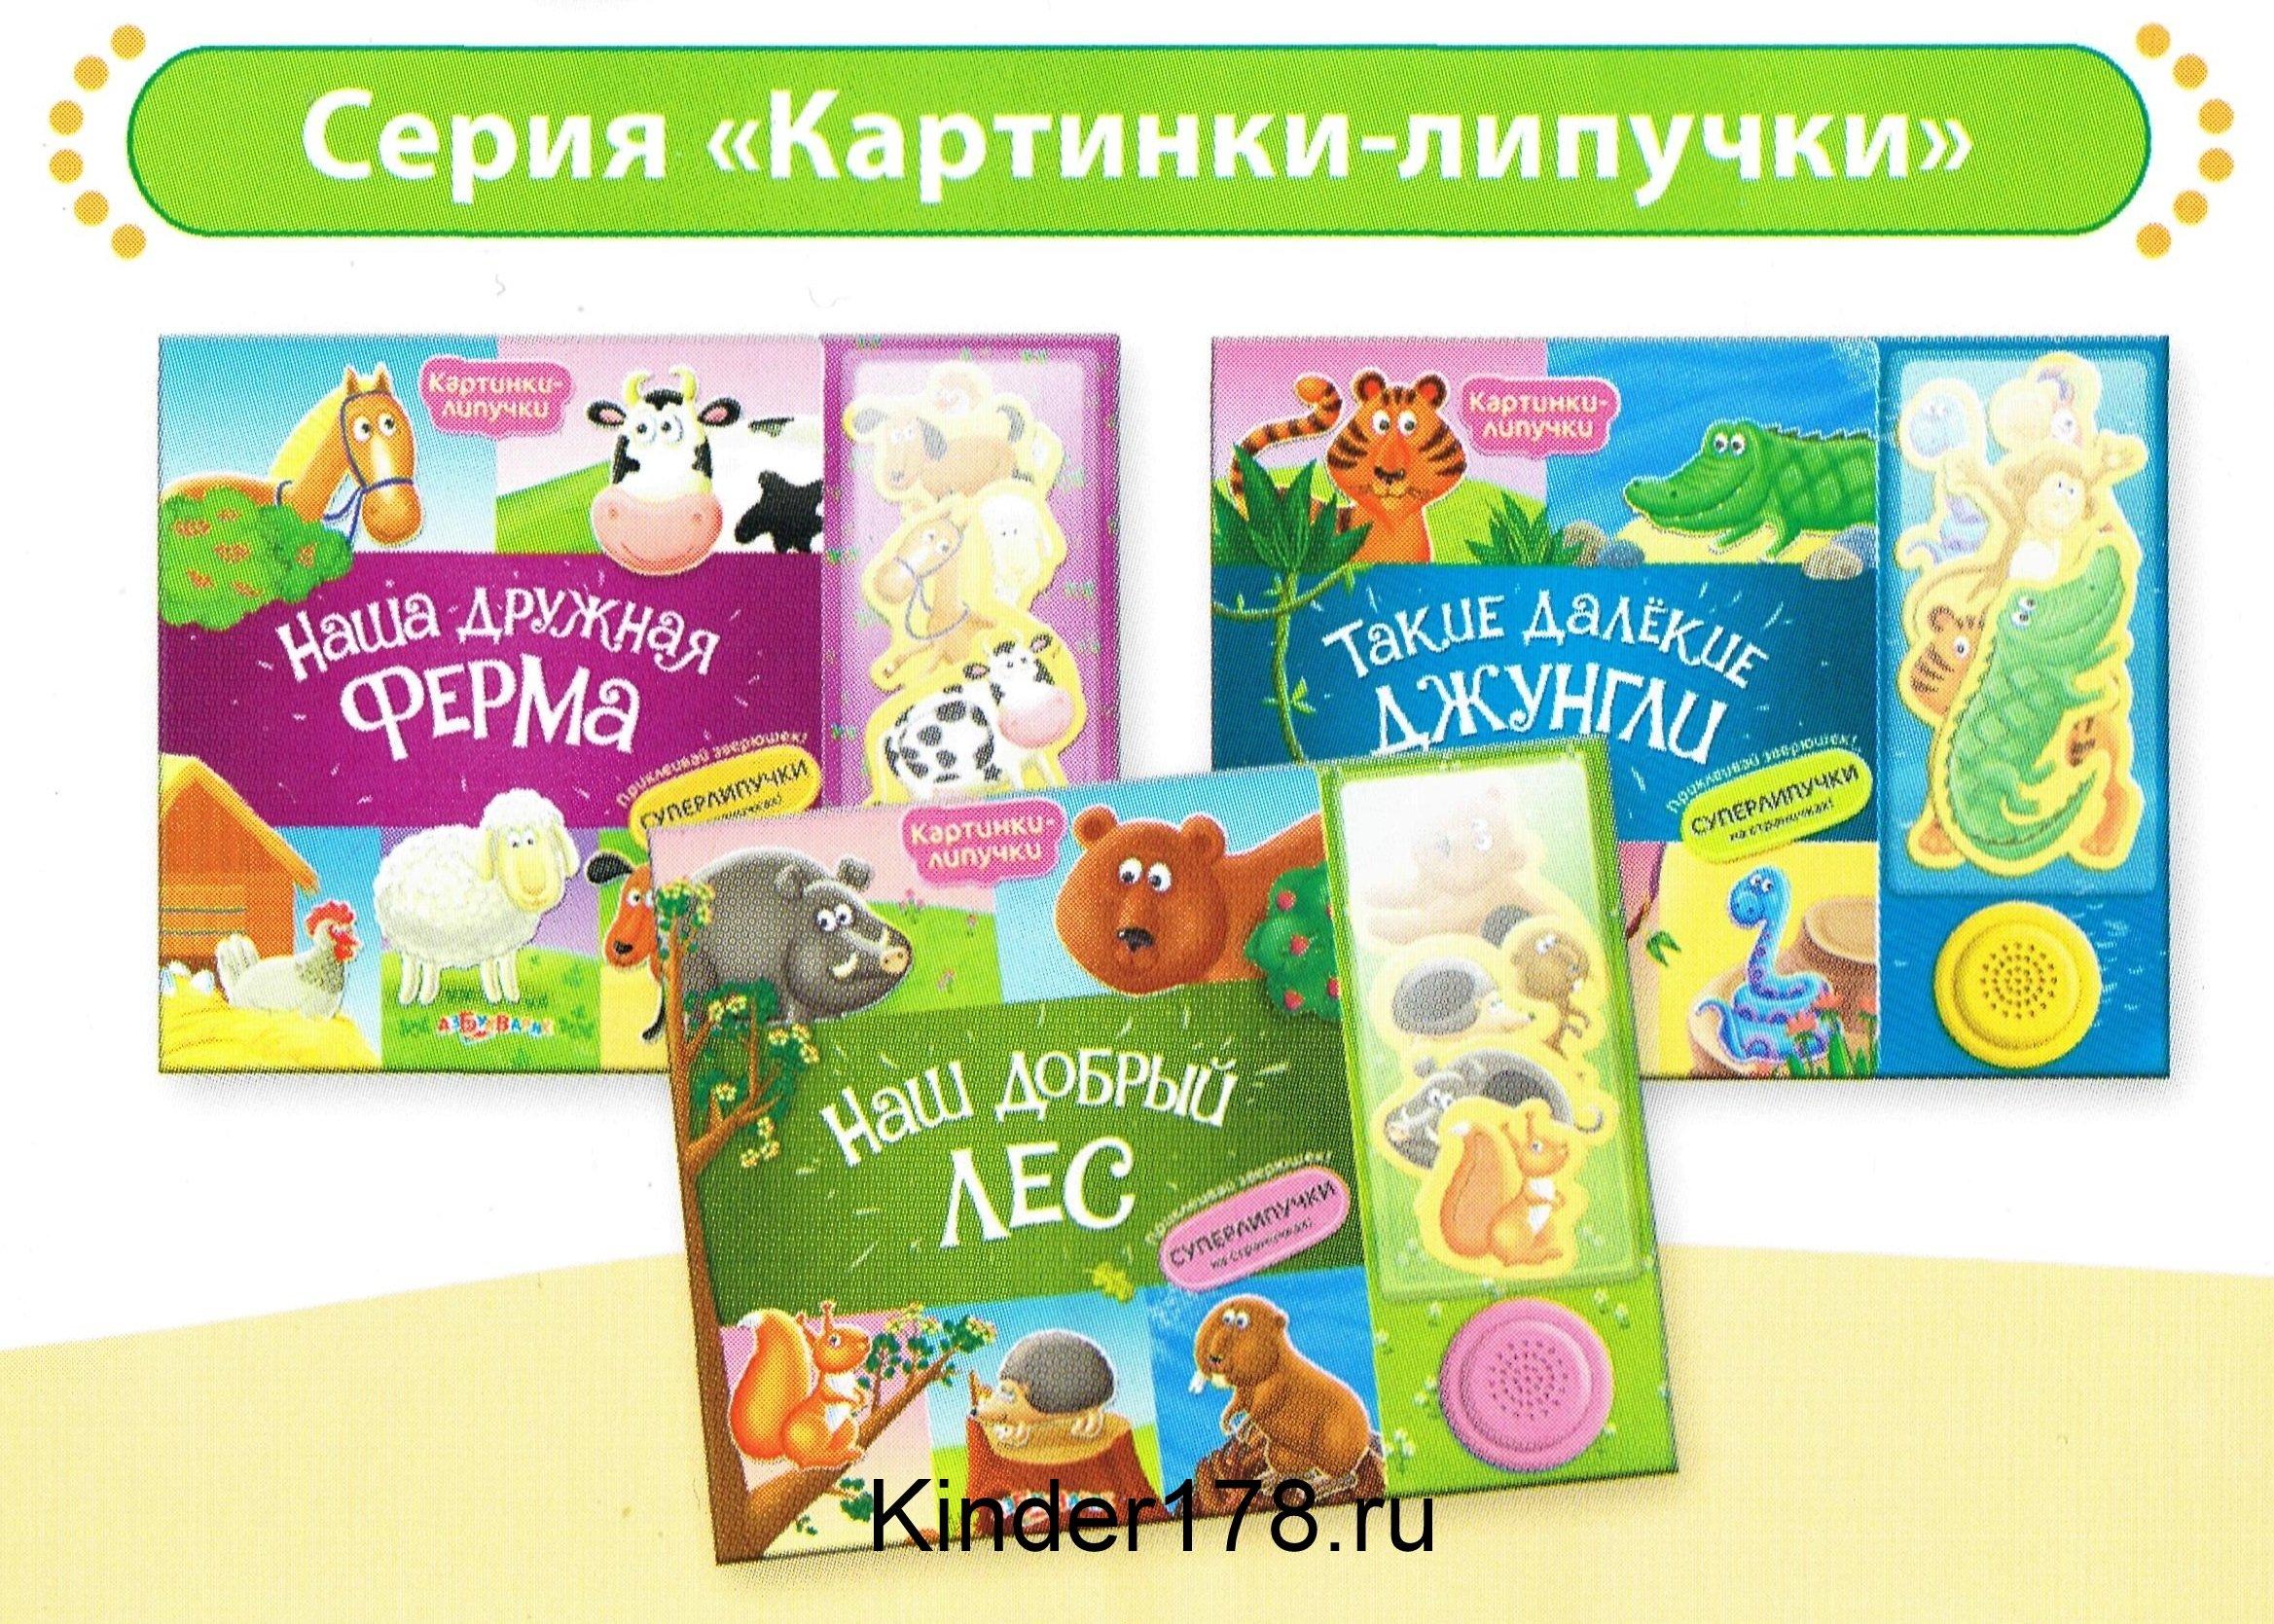 http://kinder178.ru/images/upload/Taktilnye-kartinki-lipuchki-malyshey-Azbukvarik%20.jpg